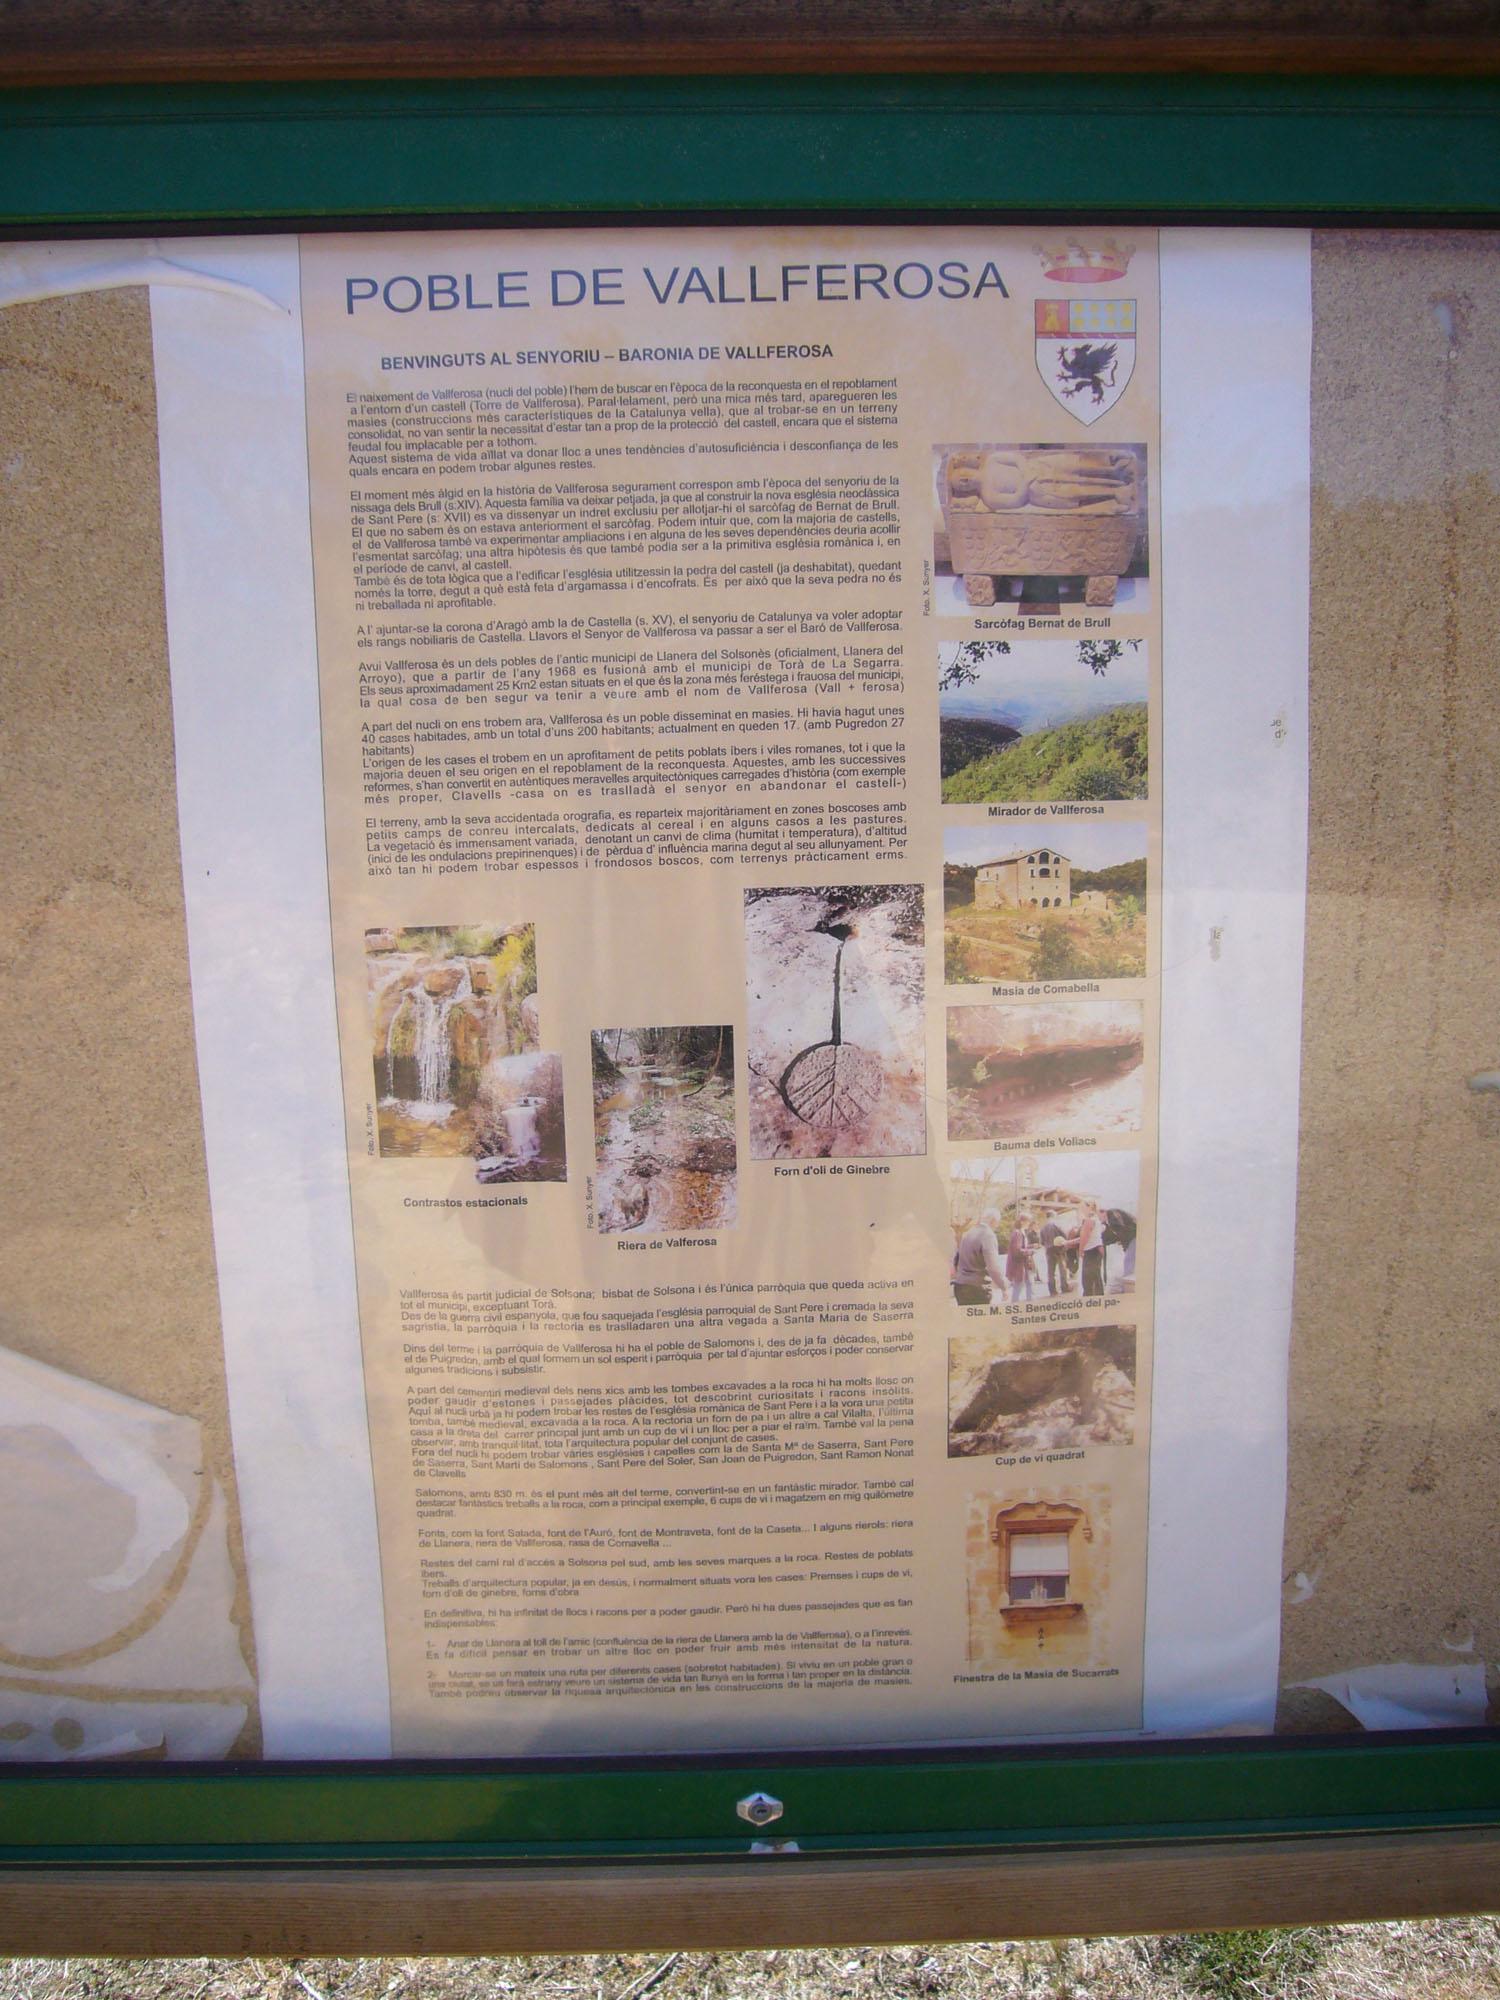 torre-de-vallferosa-120310_504